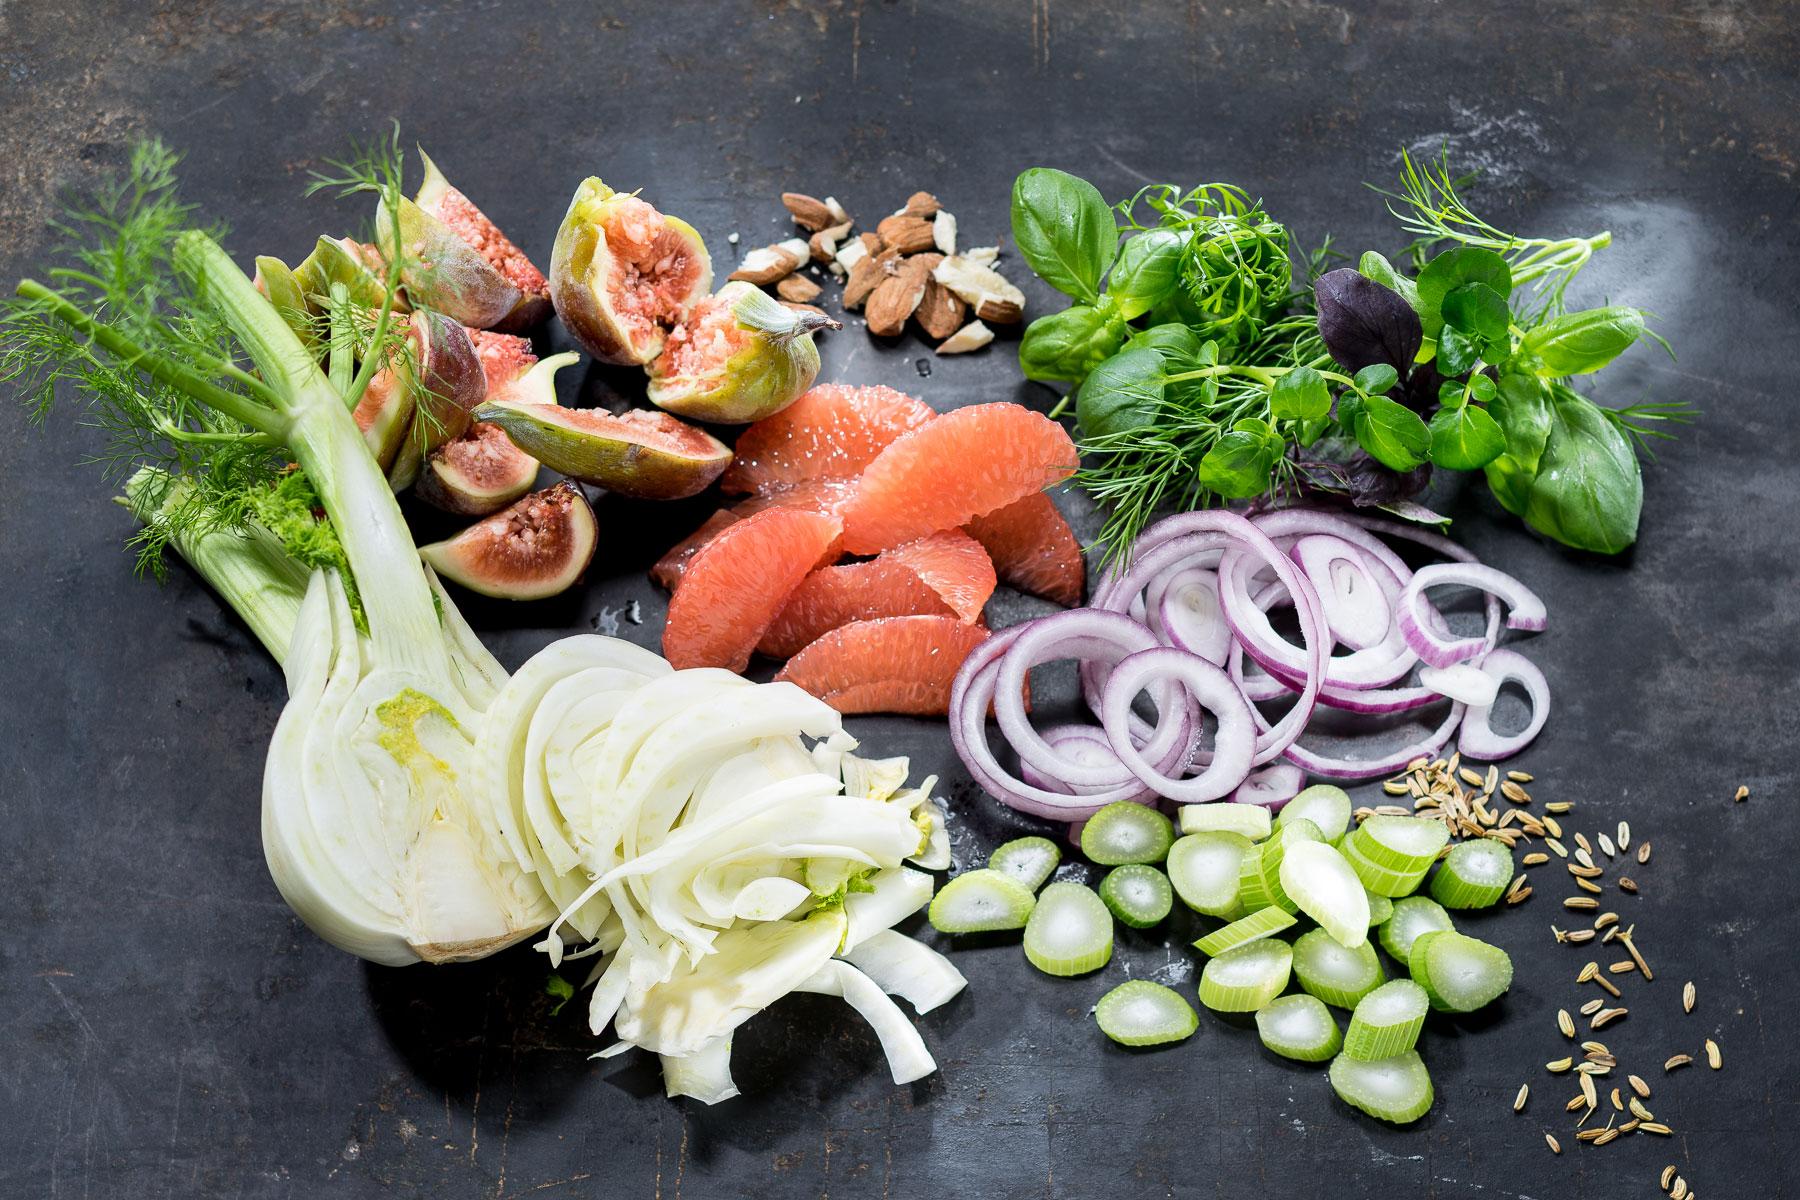 Foodfotografie Werbefotografie